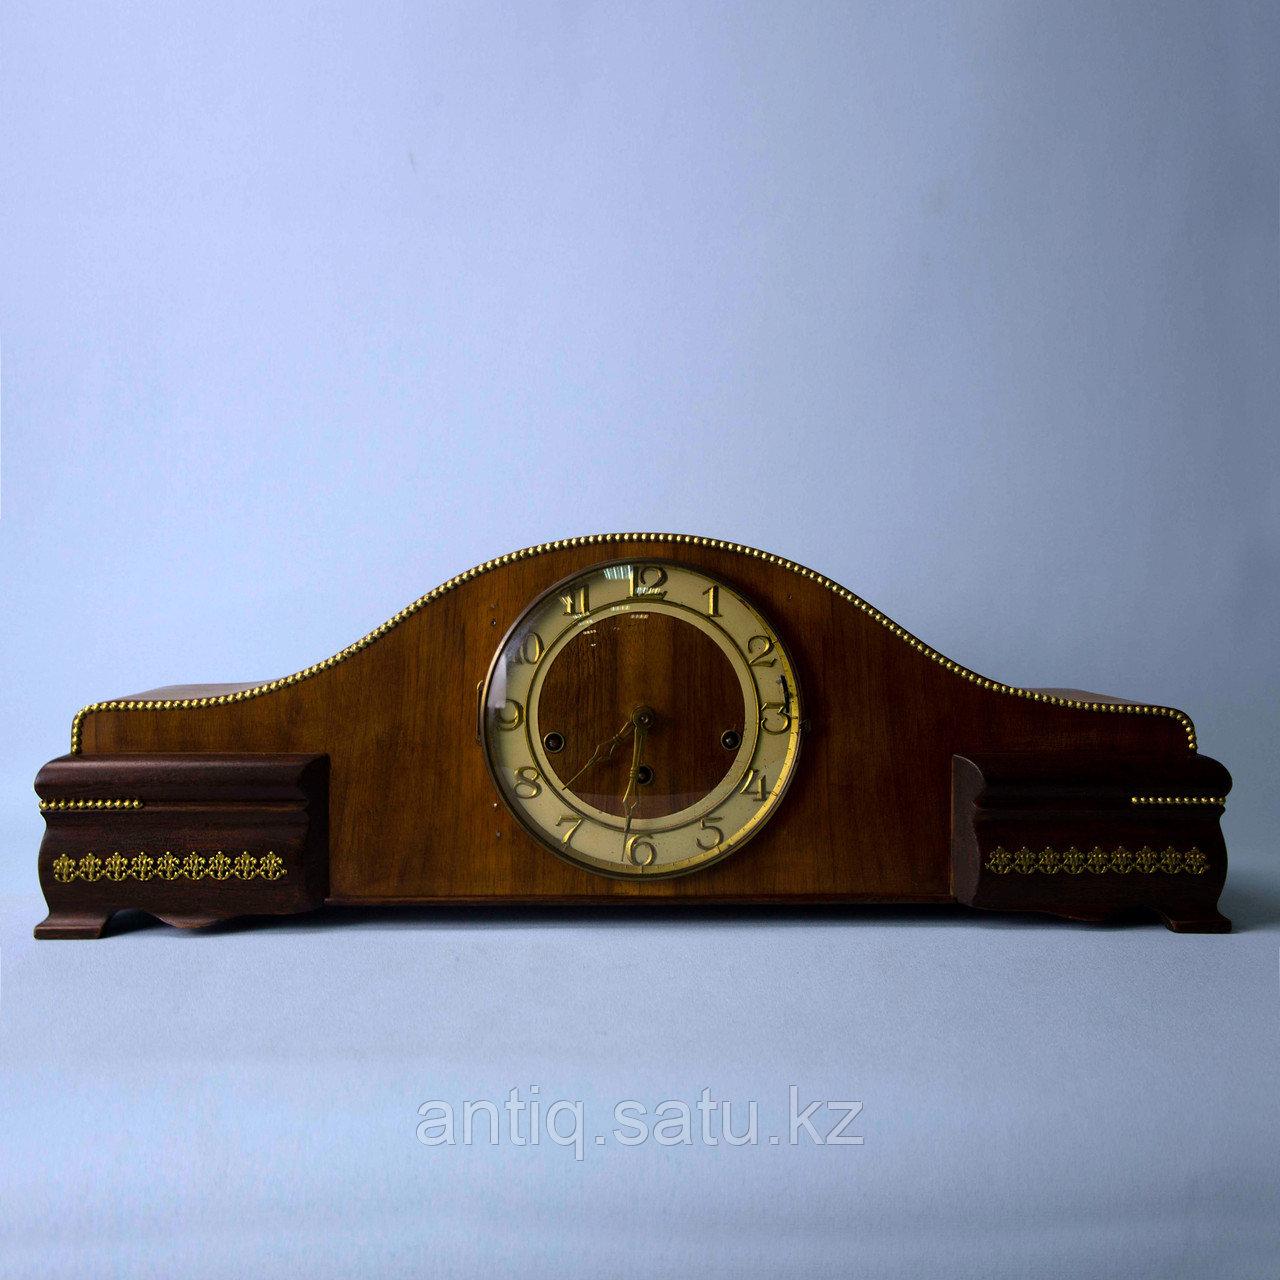 Настольные часы с Вестминстерским боем. Германия. Середина ХХ века. Массив ореха. - фото 7